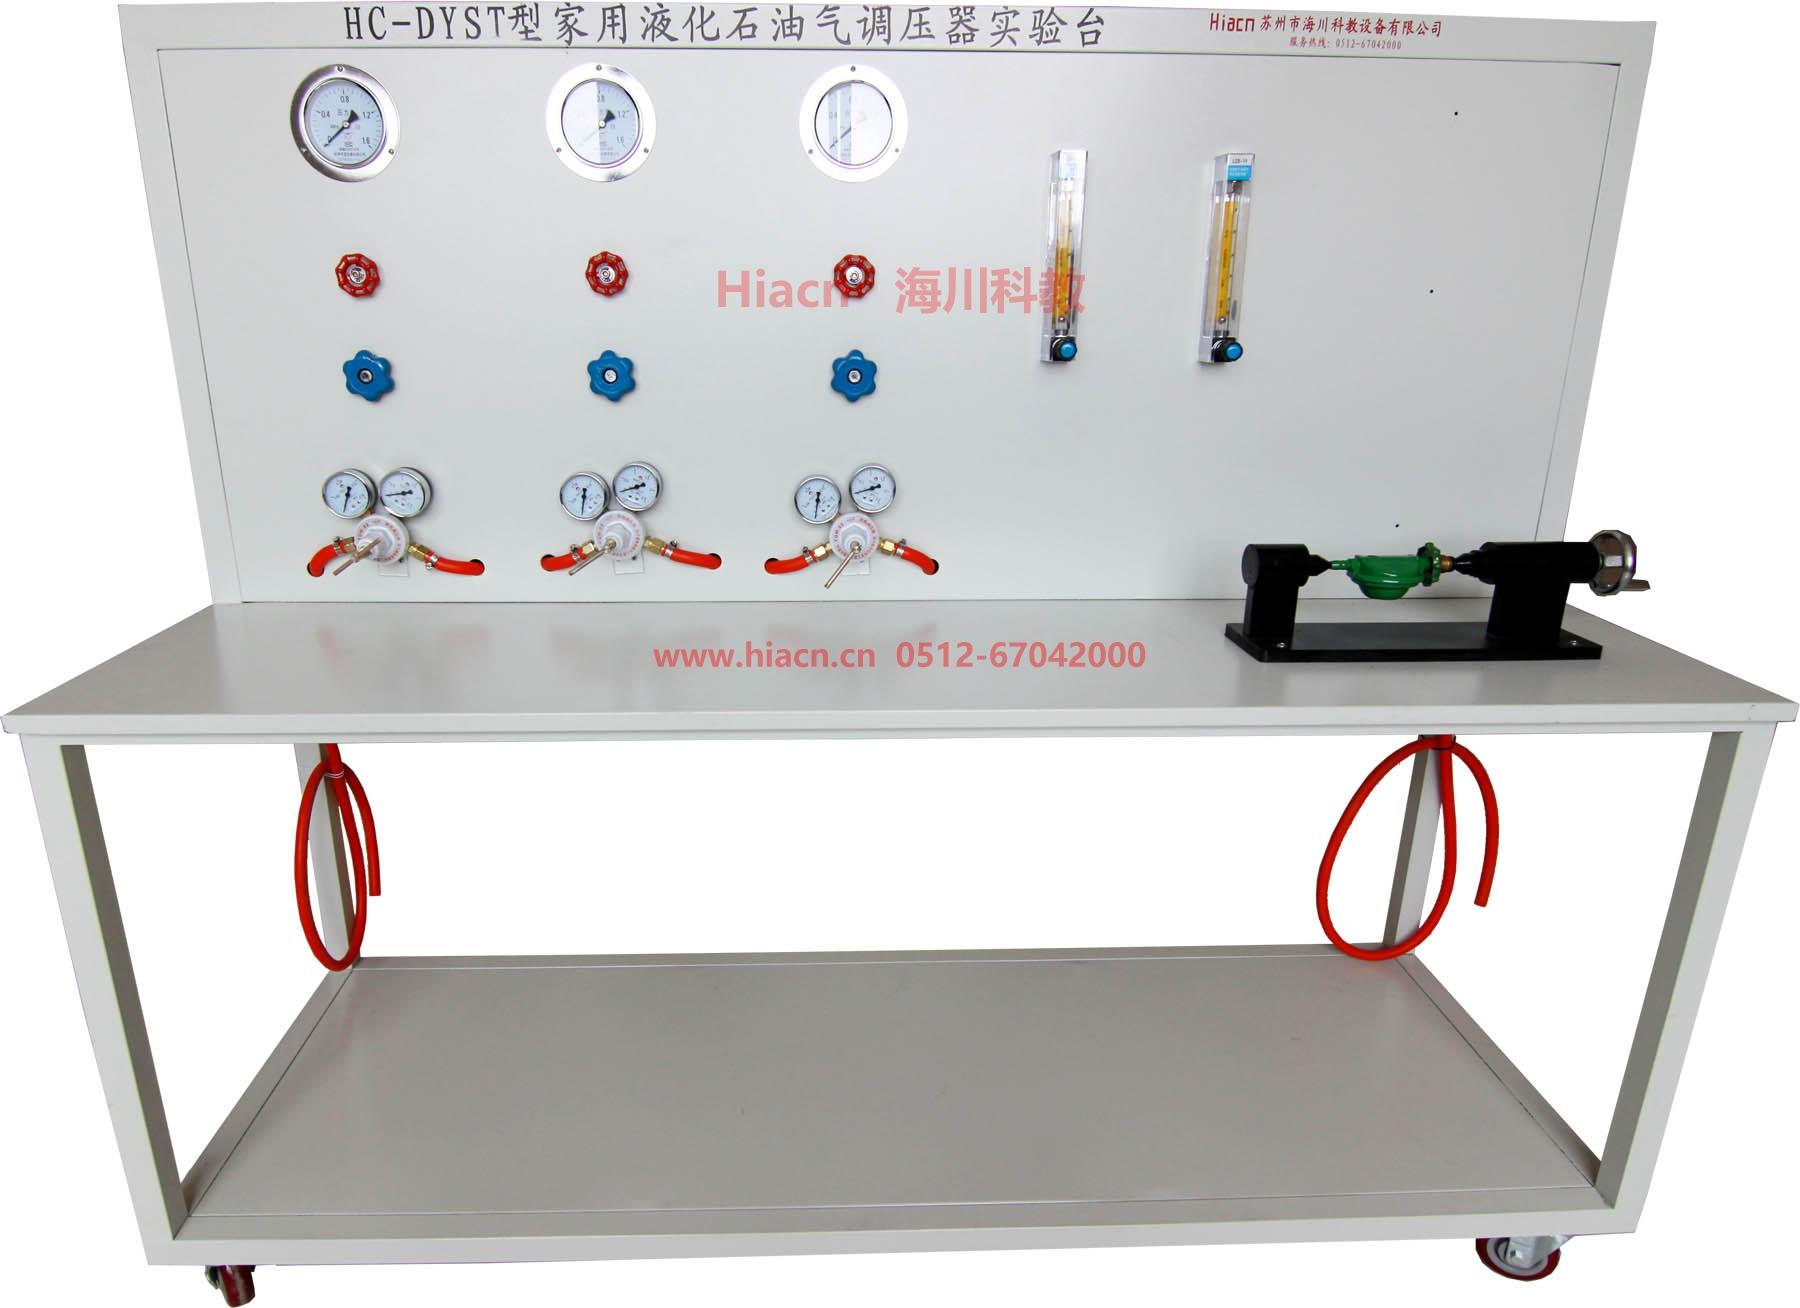 家用液化石油气调压器实验台产品图片